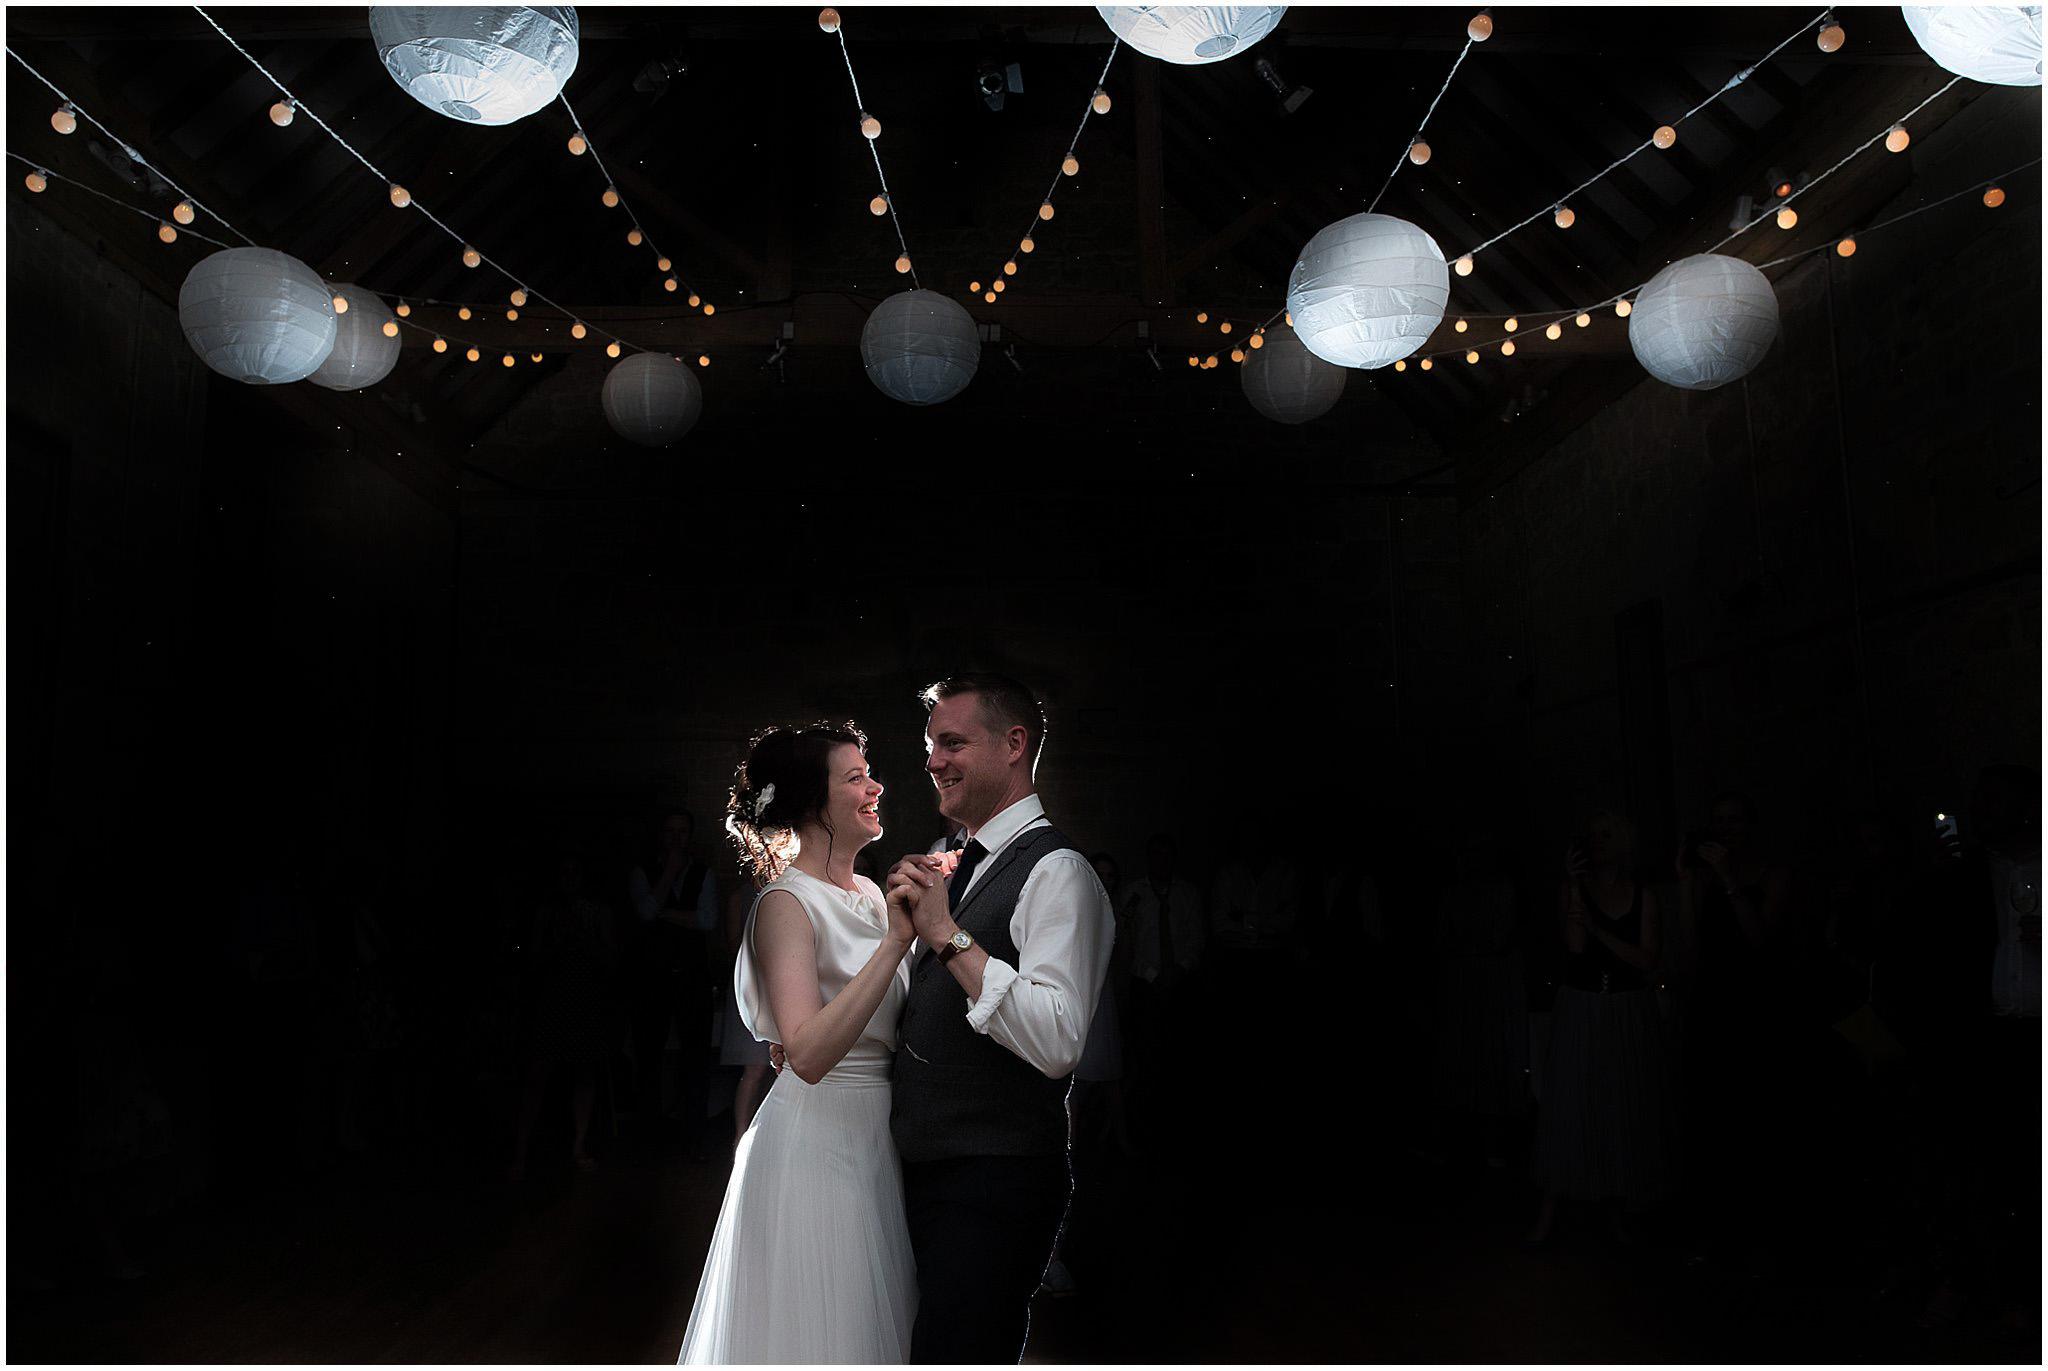 fay & tim wedding at ashley wood farm_0500